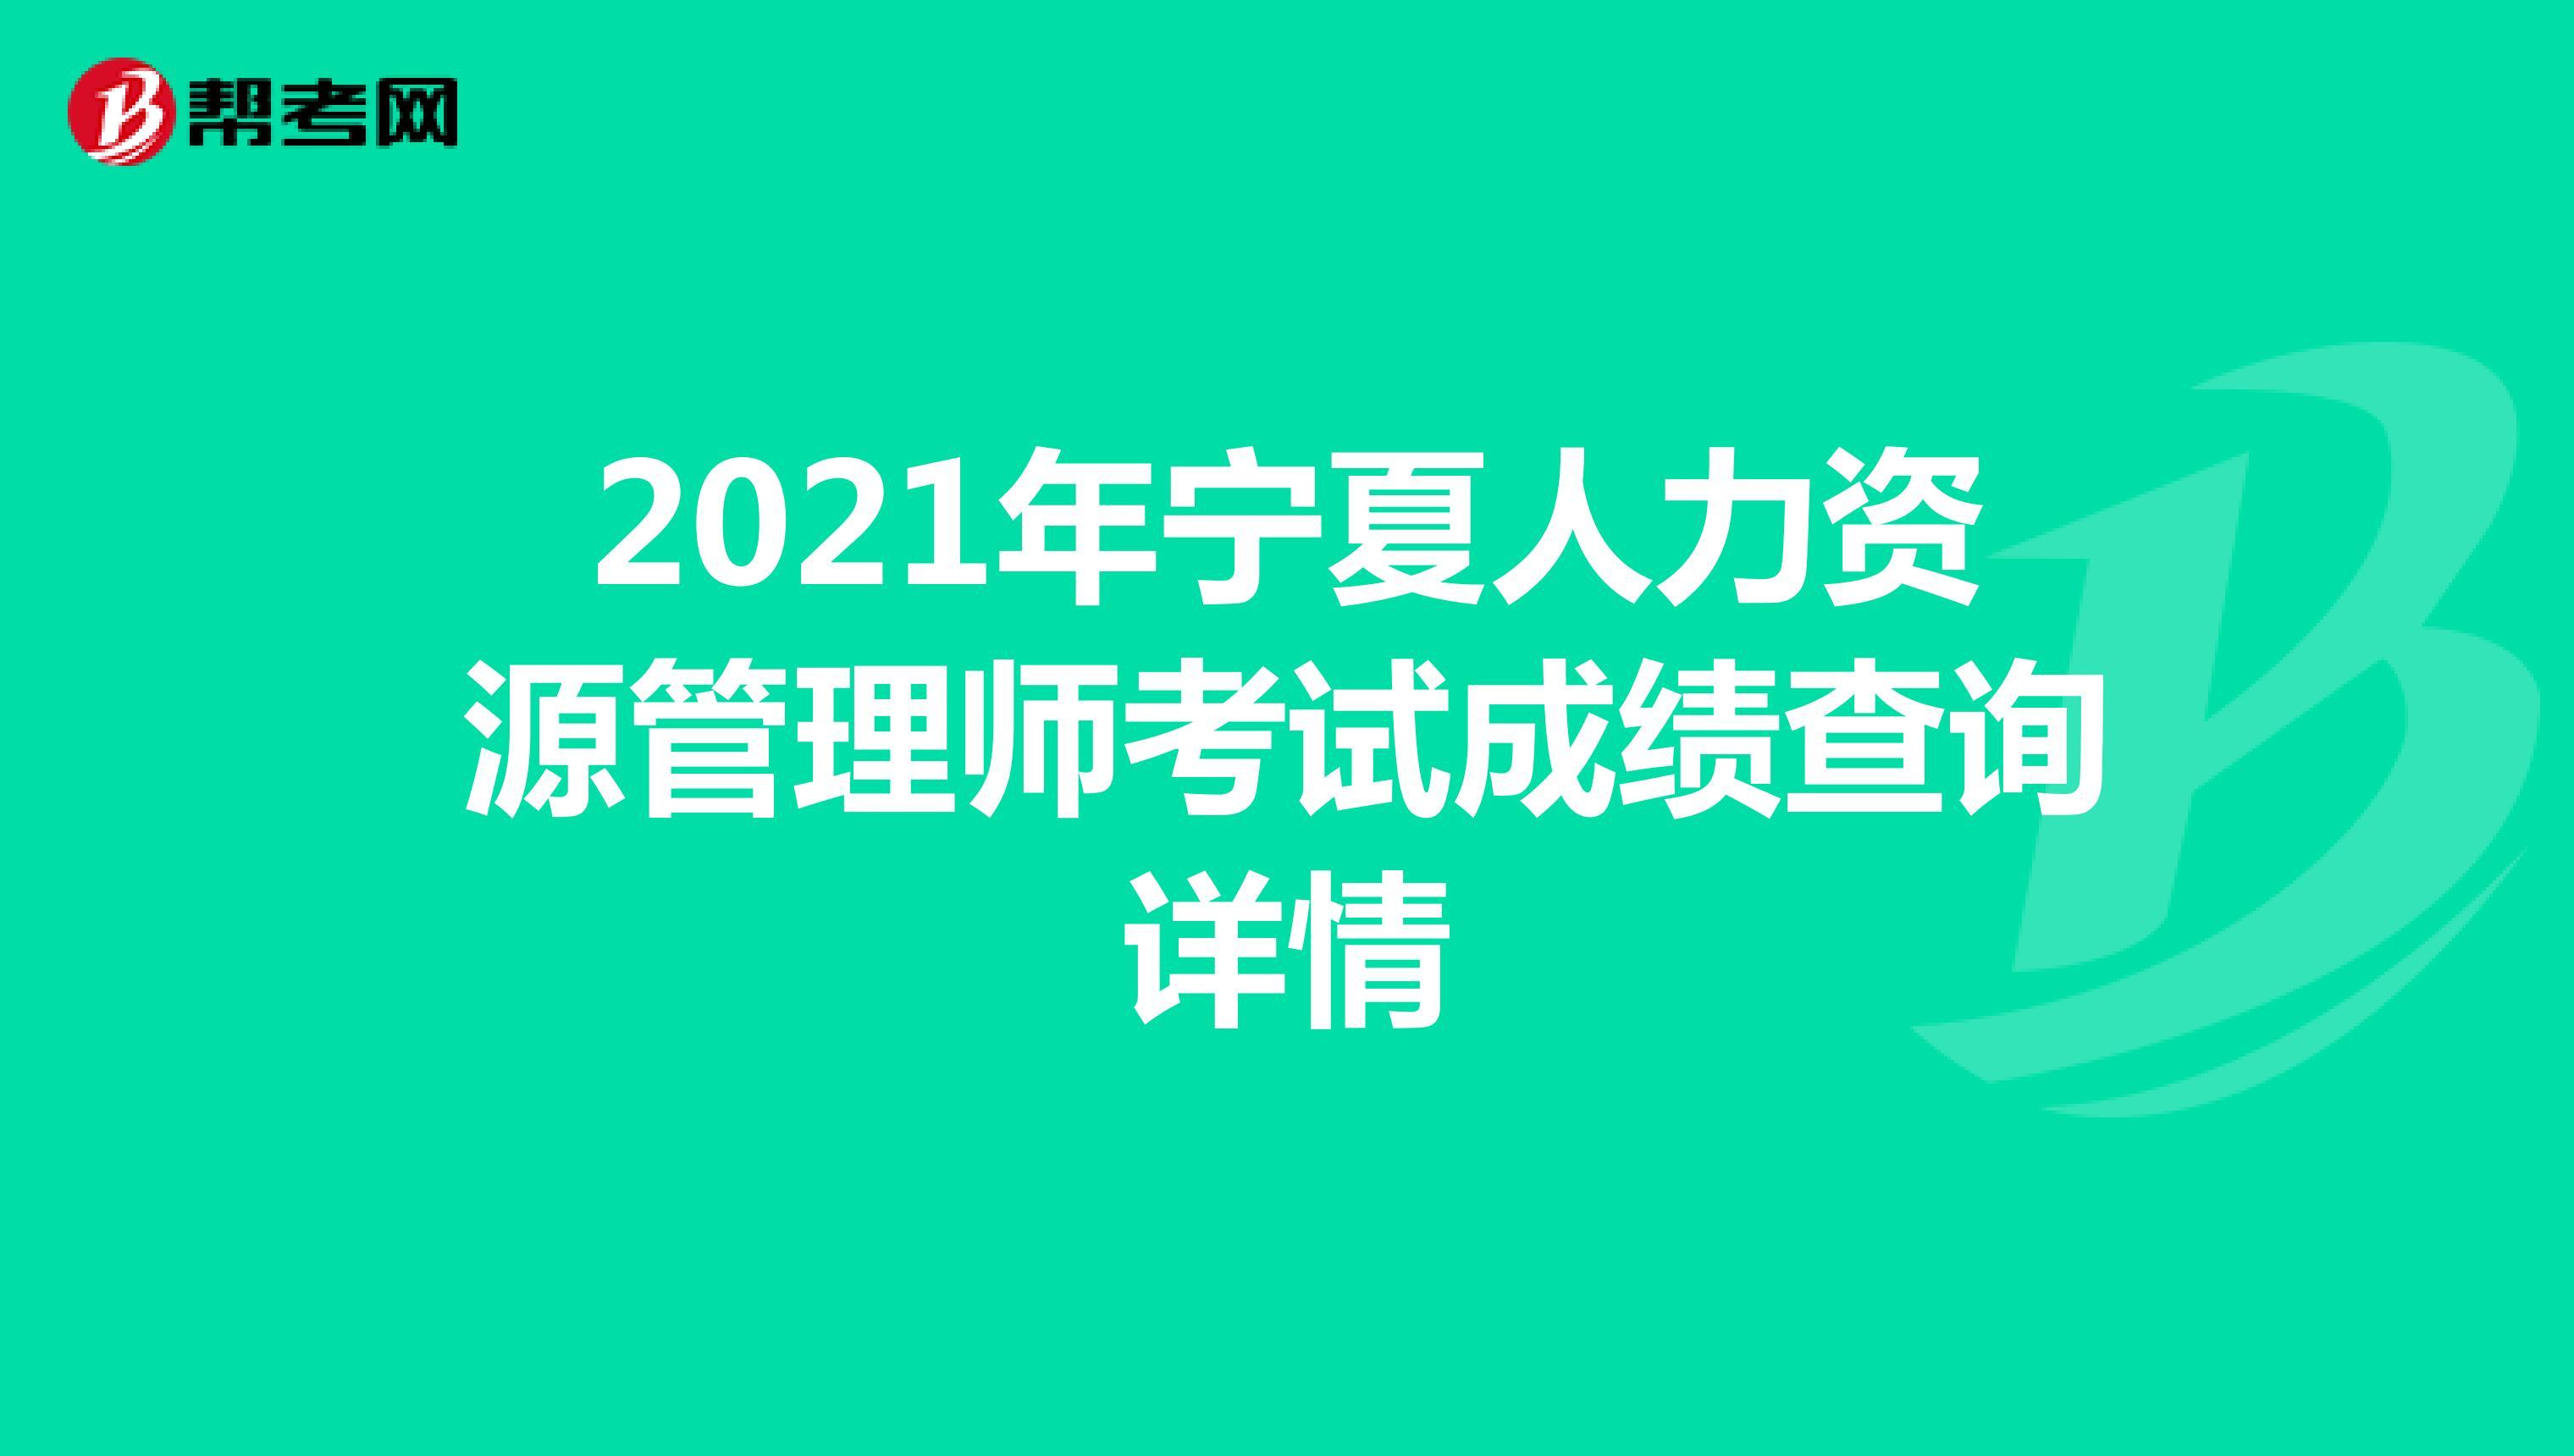 2021年宁夏人力资源管理师考试成绩查询详情